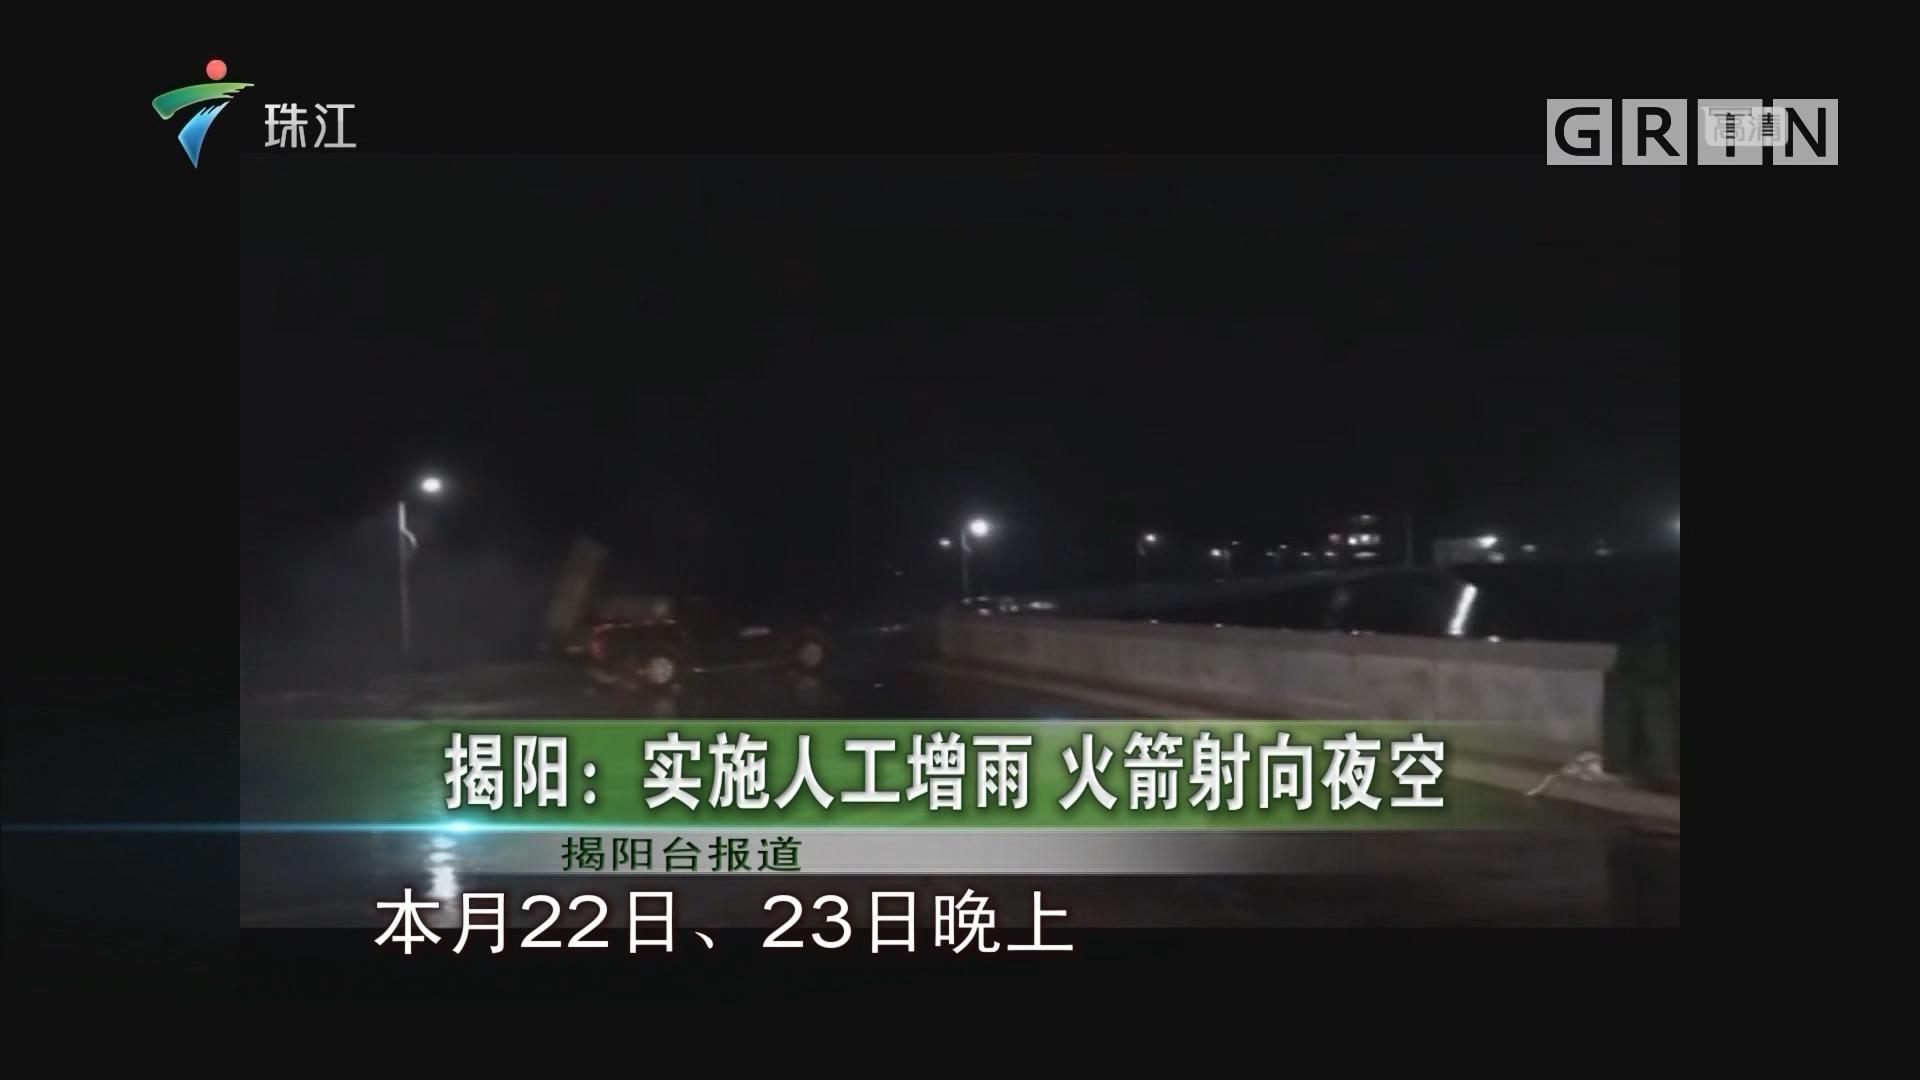 揭阳:实施人工增雨 火箭射向夜空